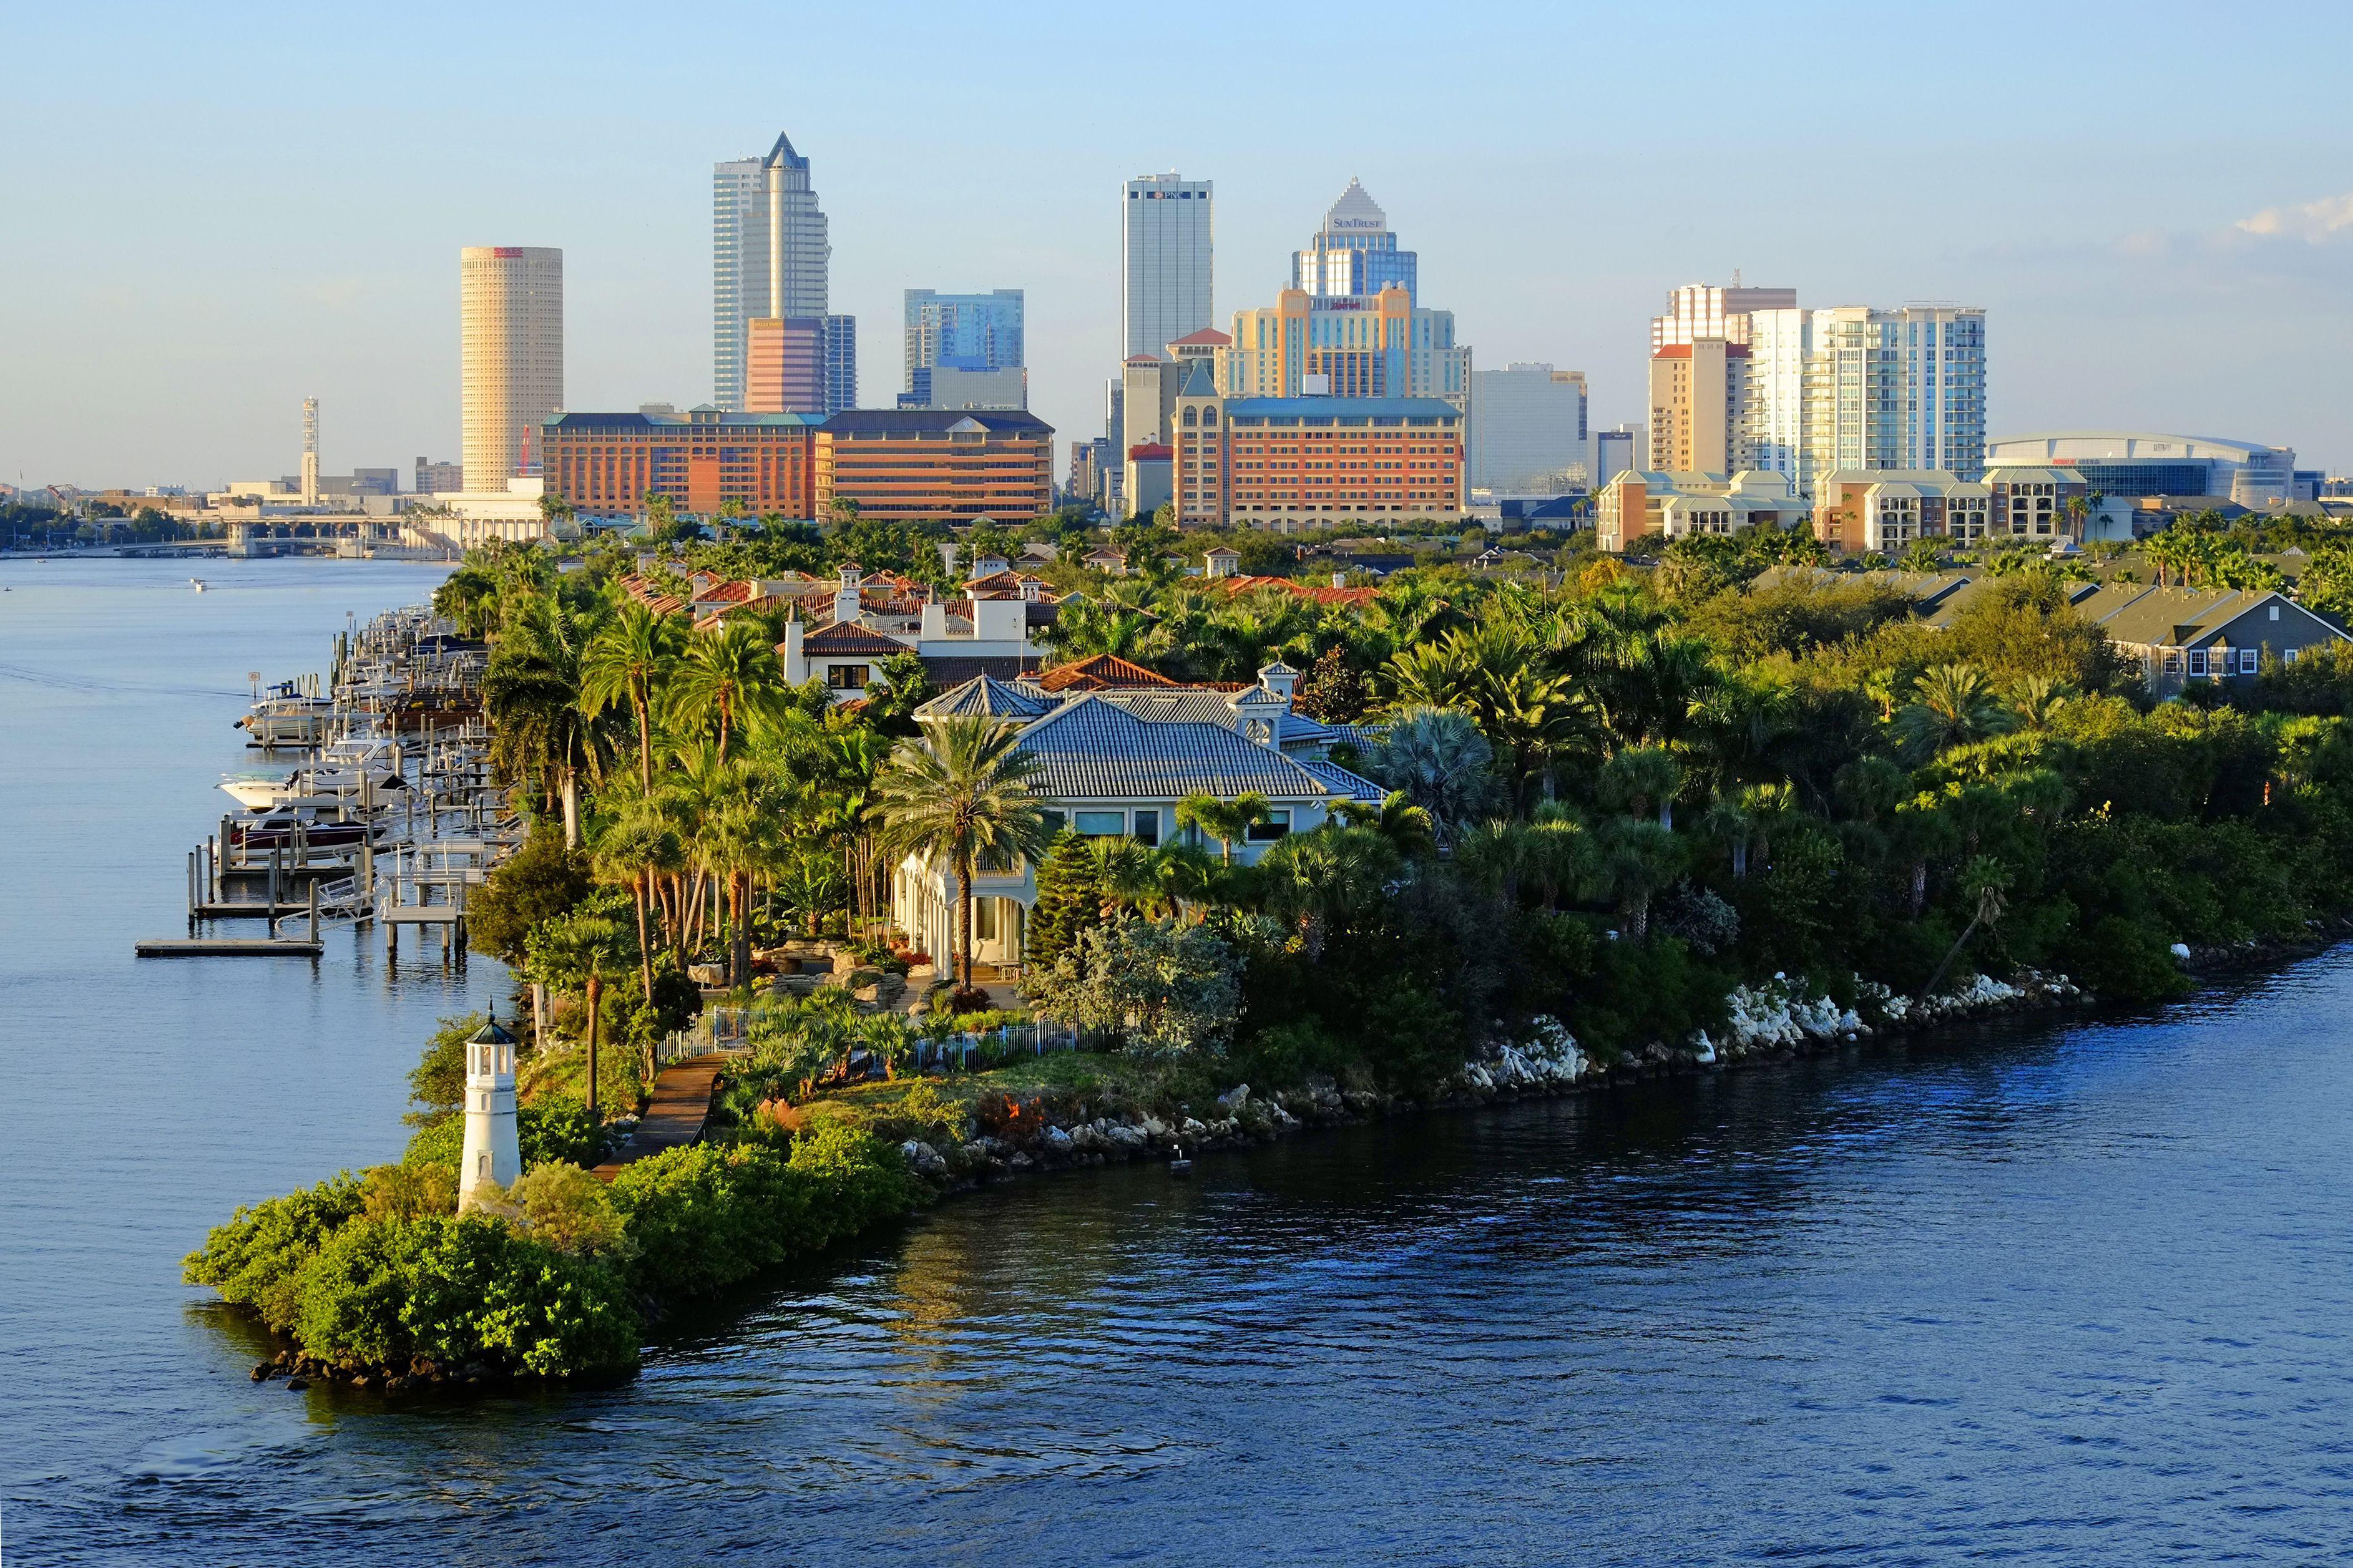 Во Флориде хакер изменил уровни химических веществ в водопроводной воде